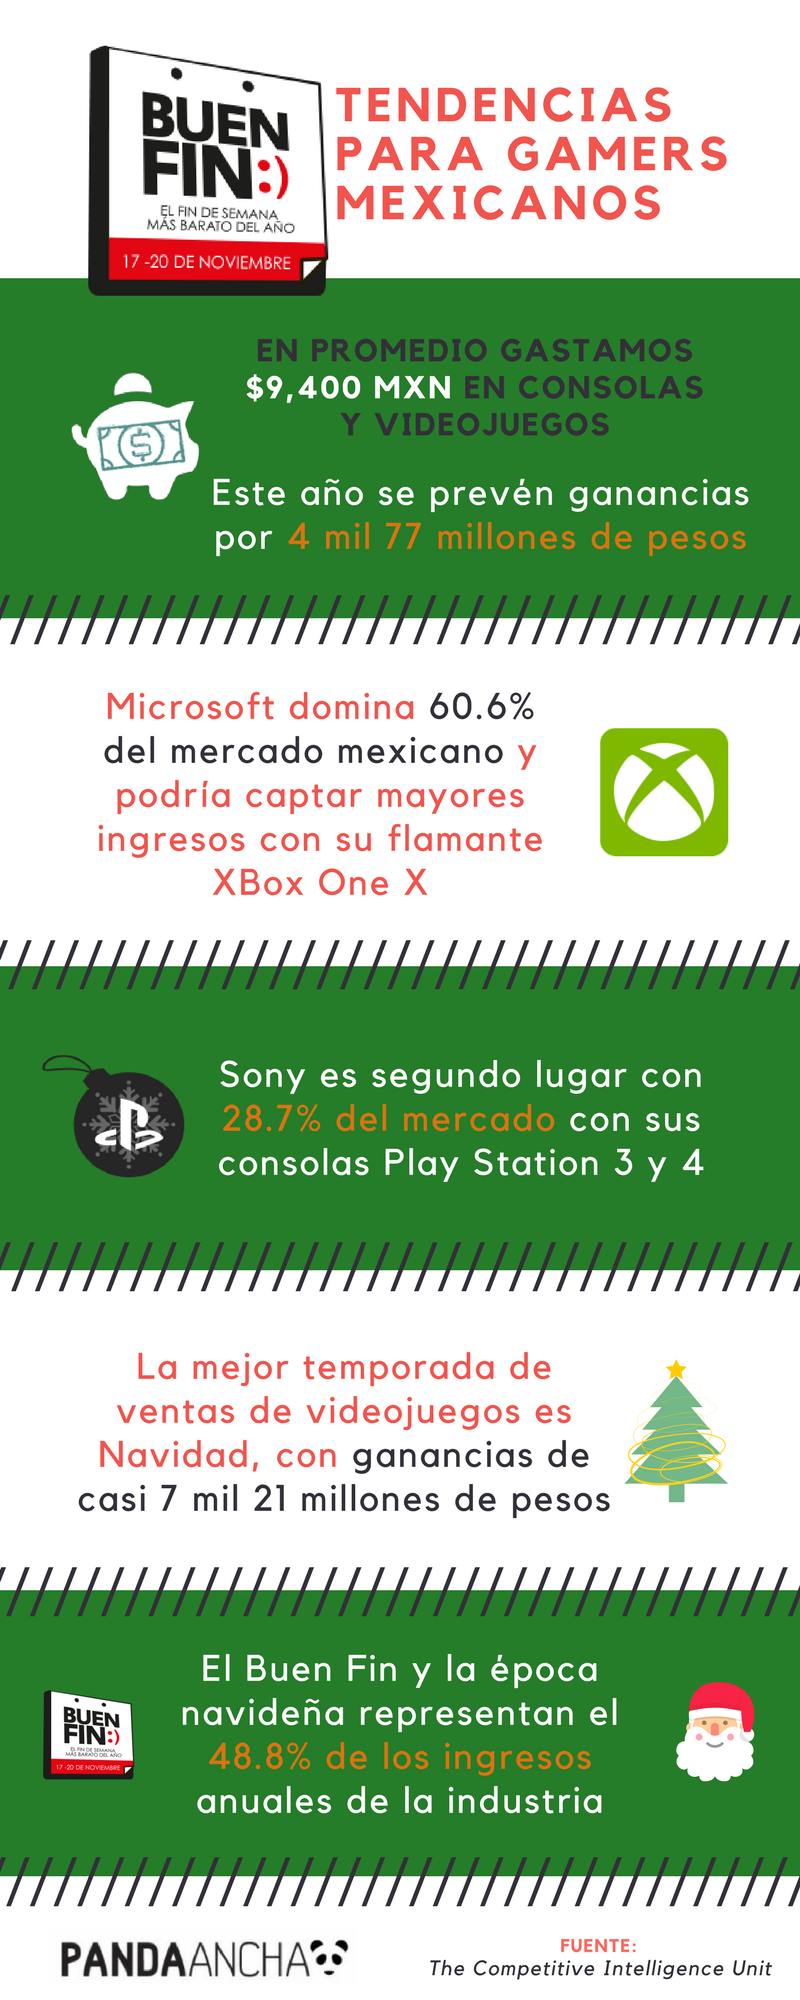 Infografía gamers mexicanos en el Buen Fin